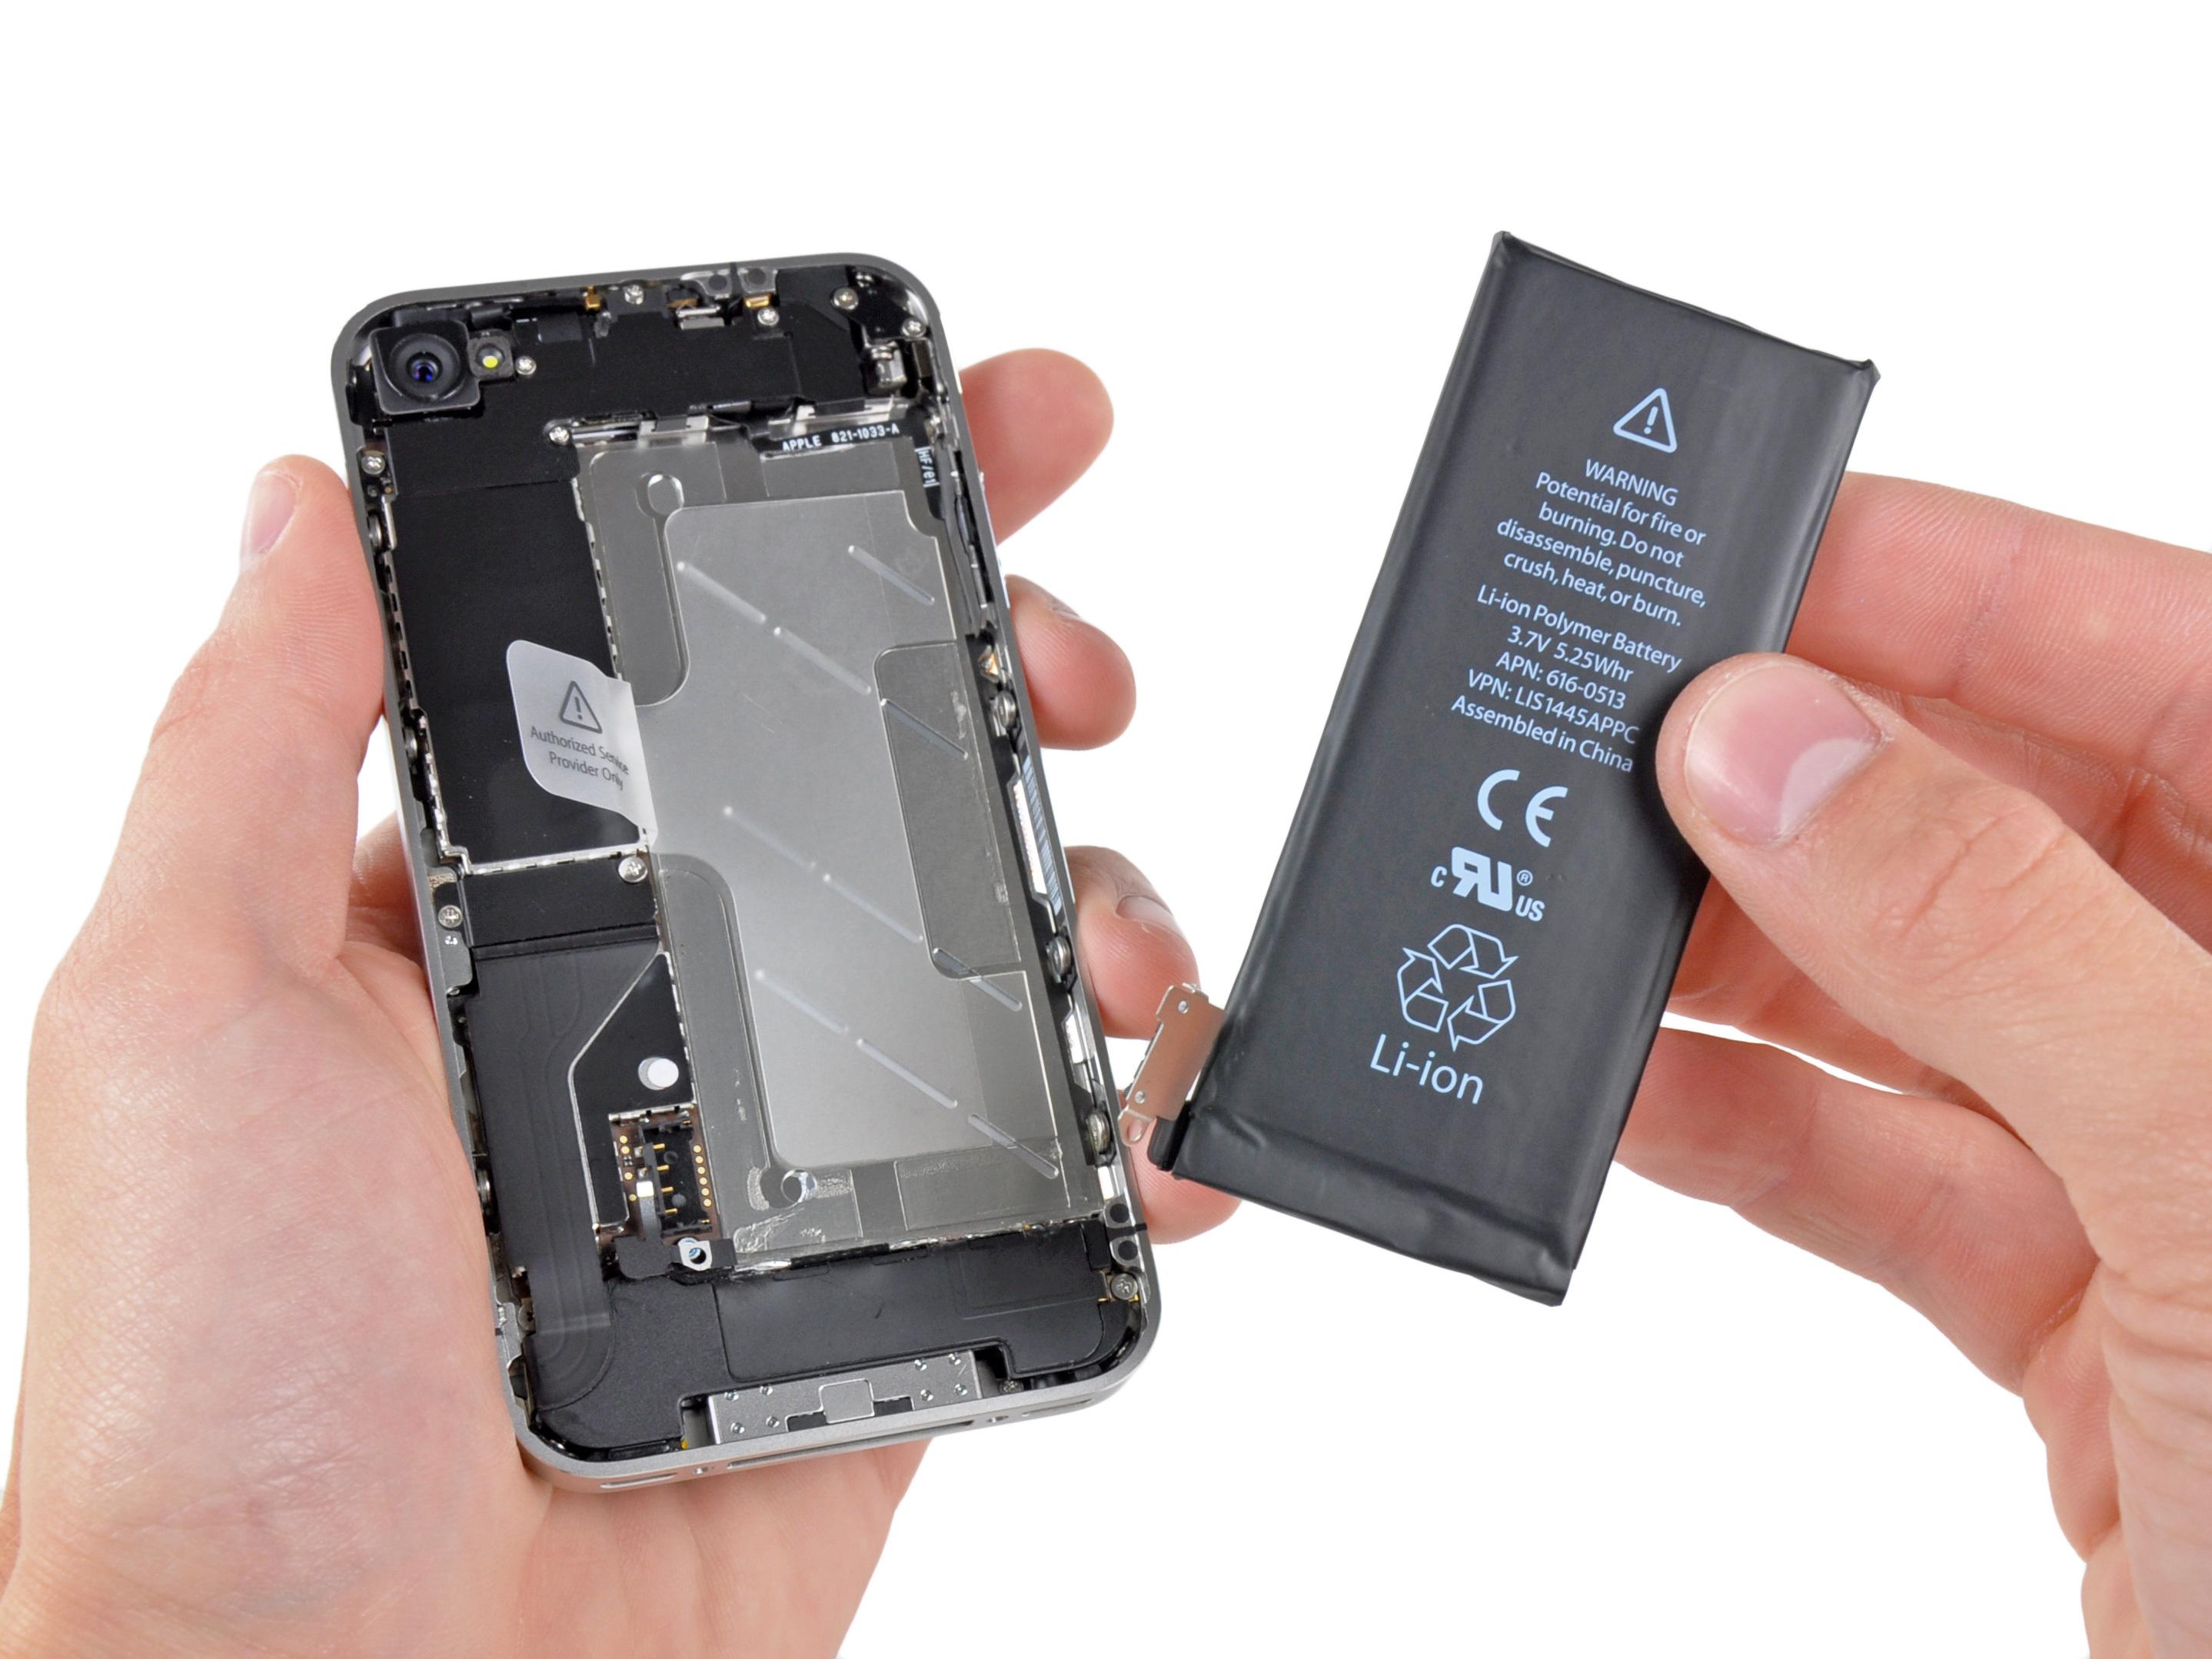 Замена акб айфон 4s